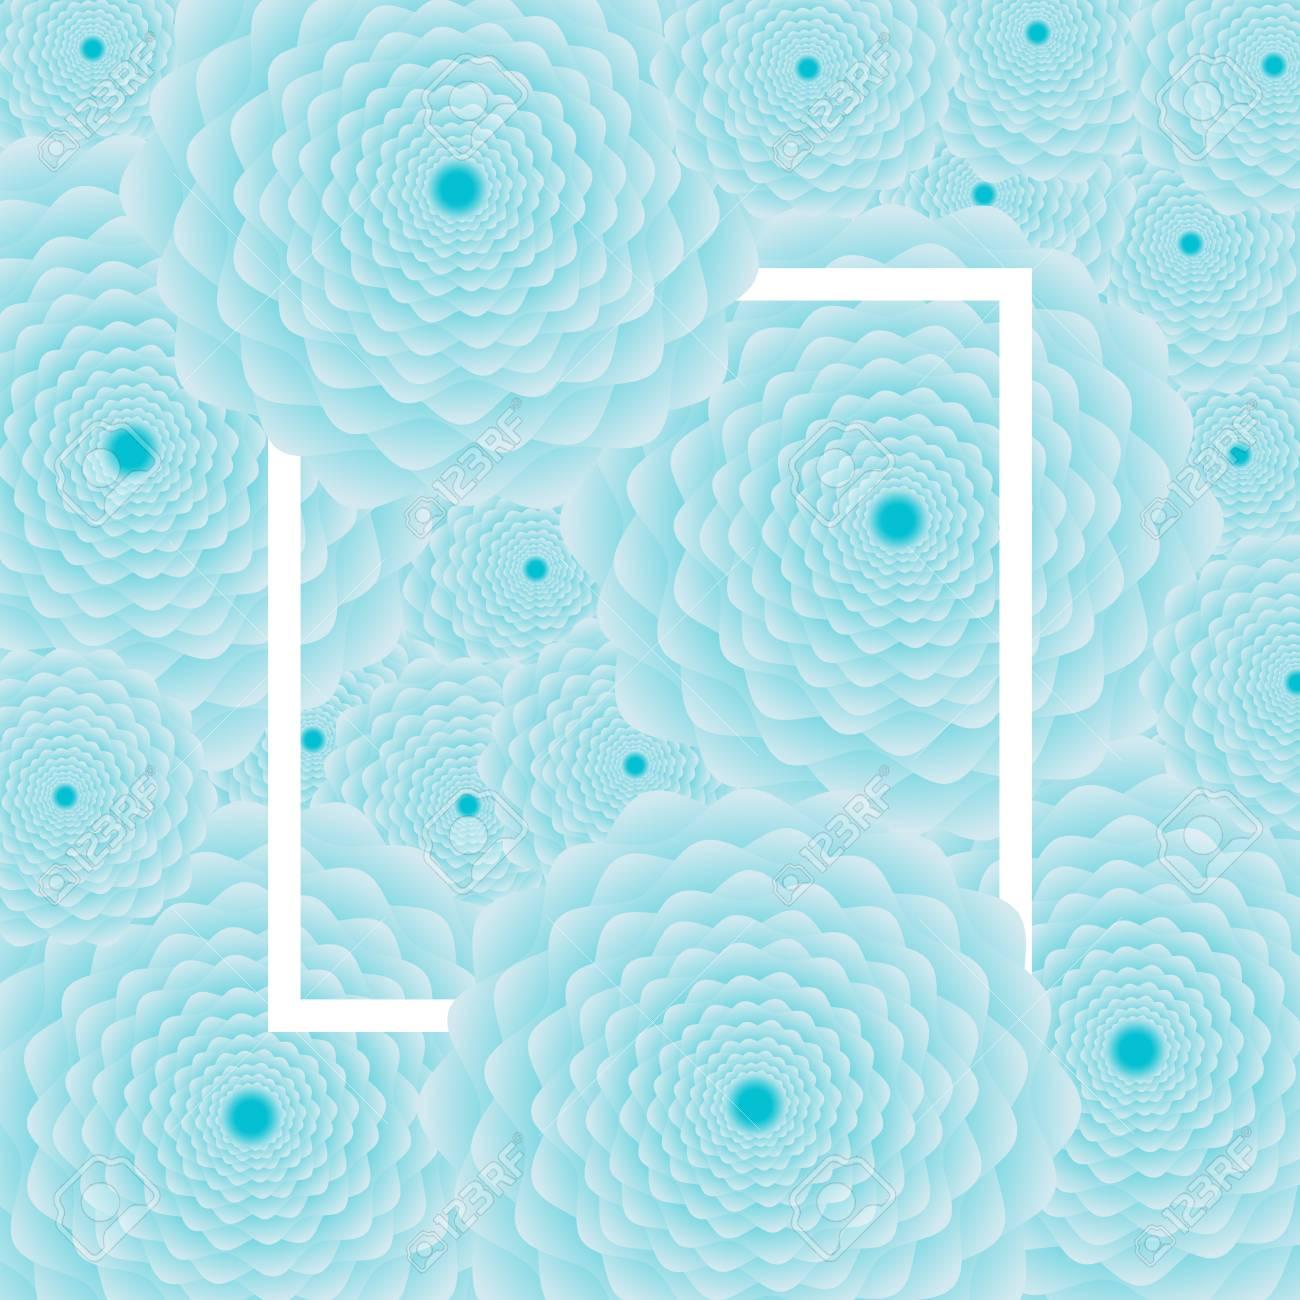 Light Blue Flower Background White Frame Vector Illustration